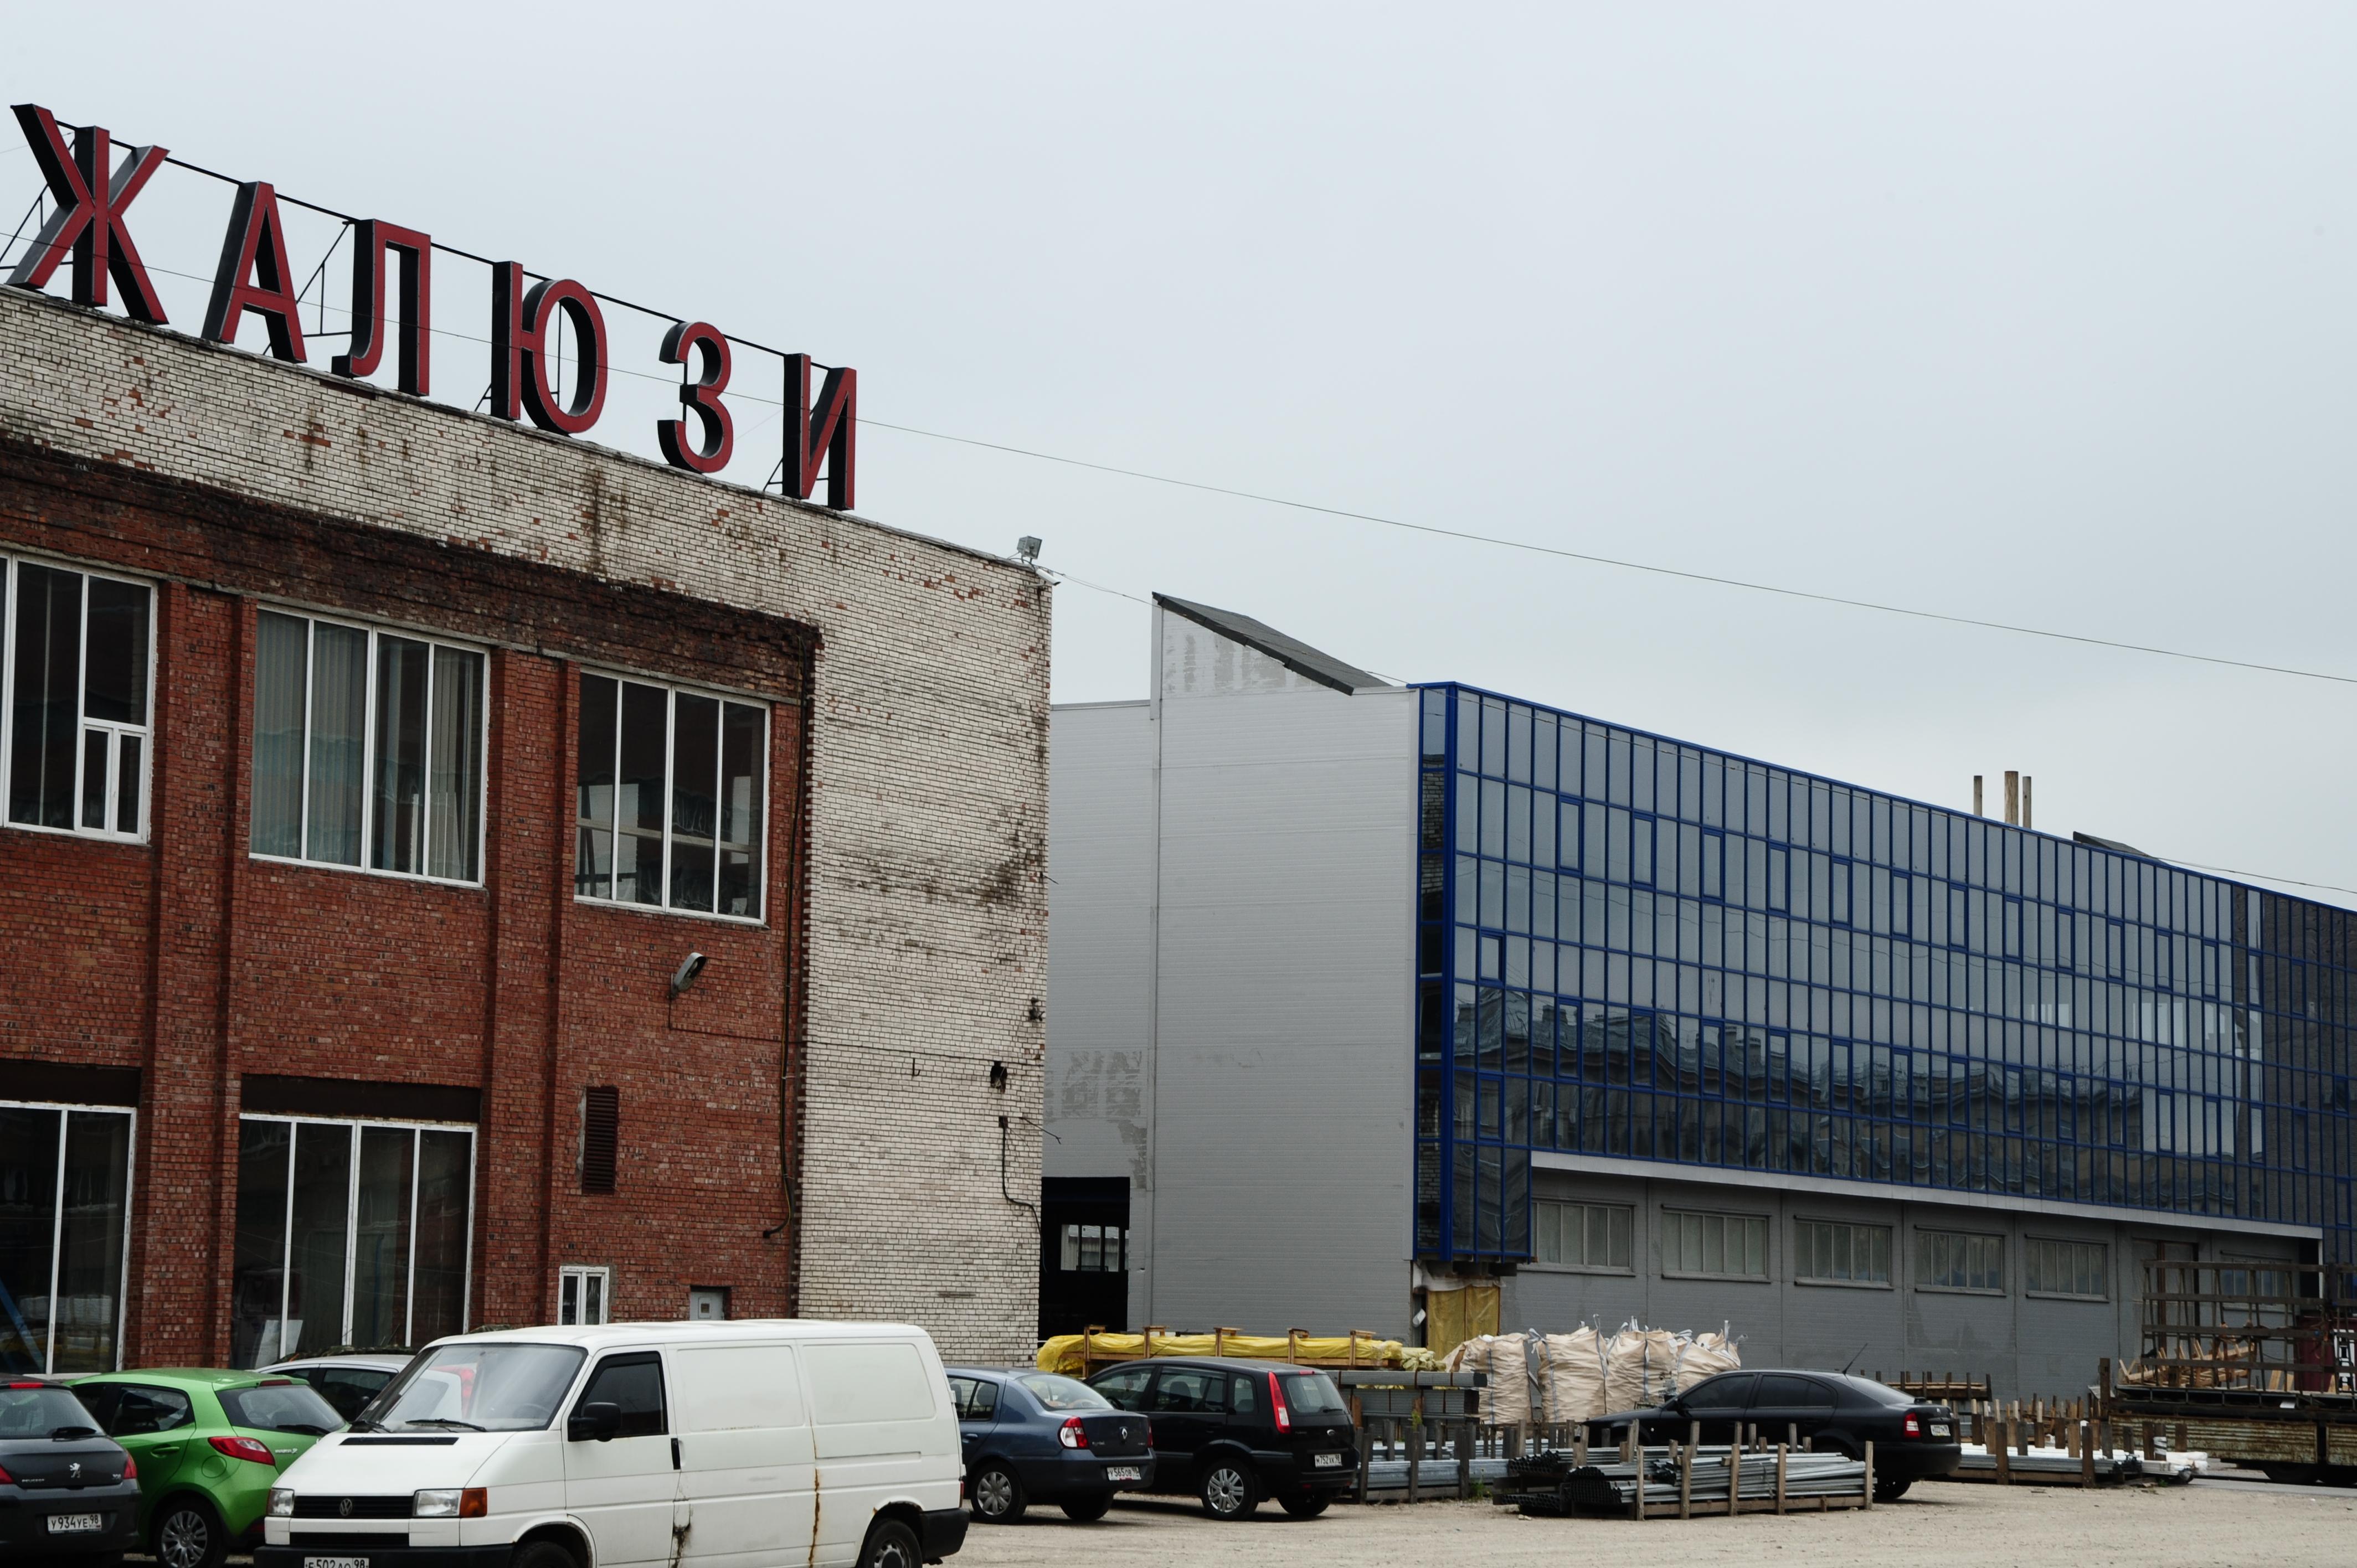 севзапстальконструкция строительная компания строительство ЗАО «Трайв»